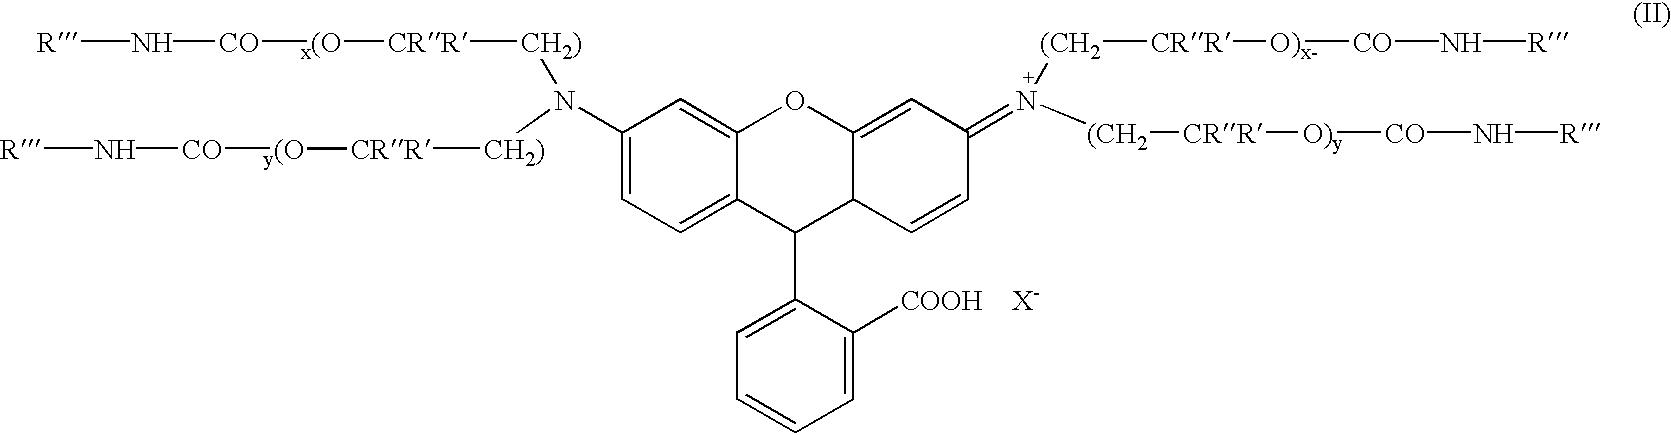 Figure US06605731-20030812-C00007